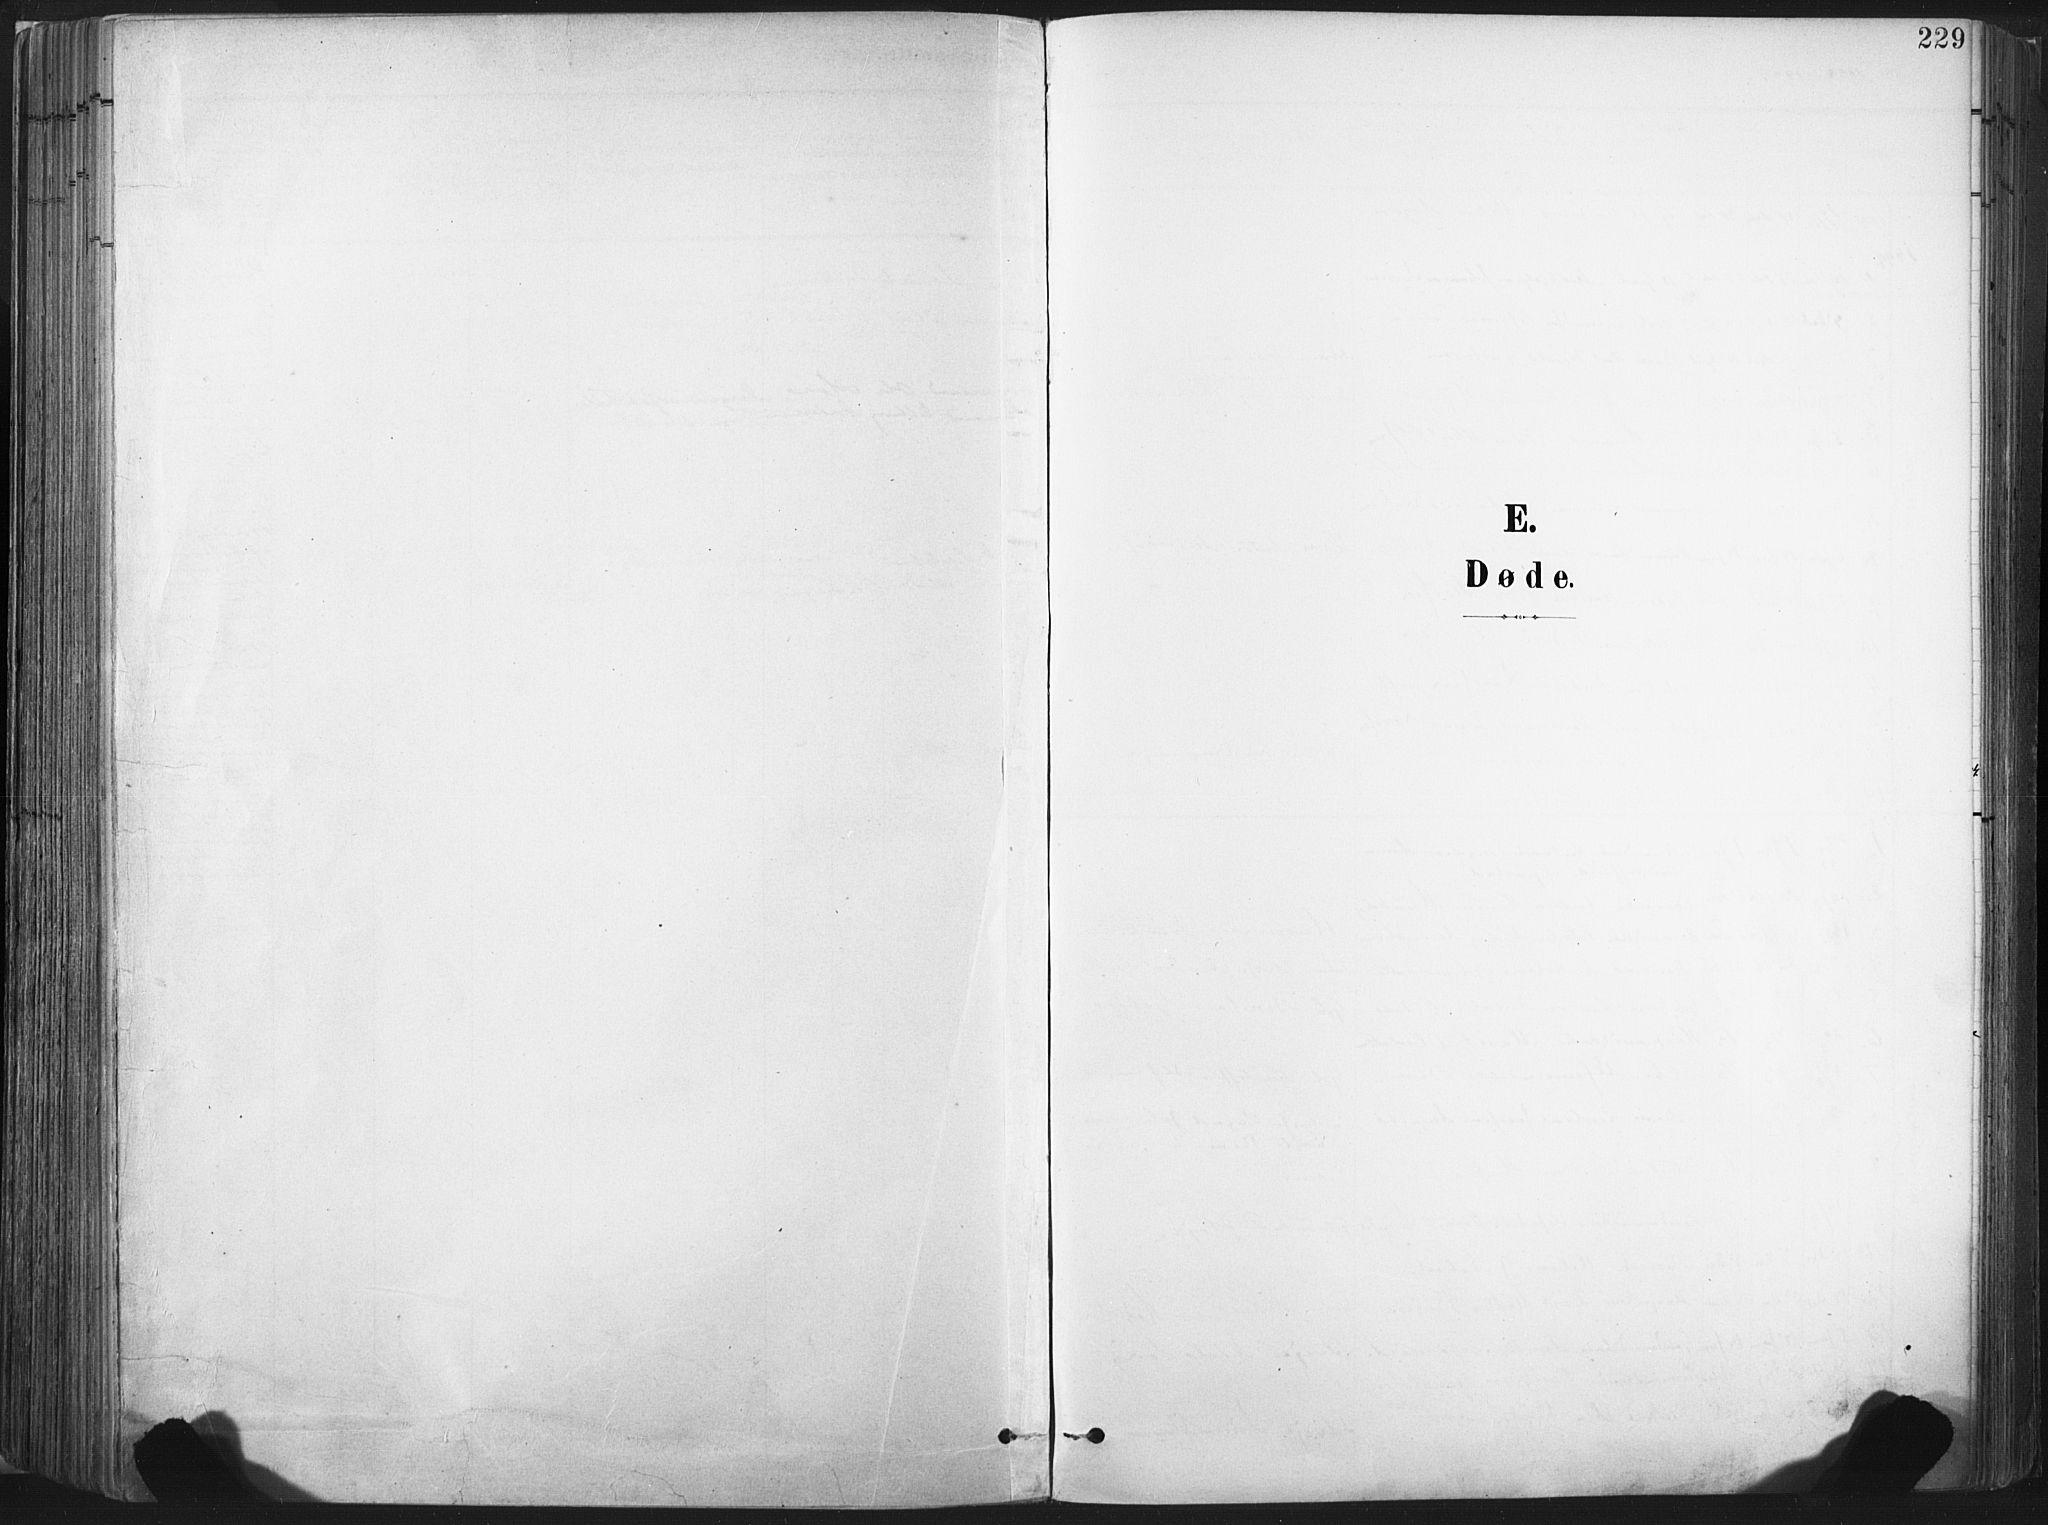 SAT, Ministerialprotokoller, klokkerbøker og fødselsregistre - Nord-Trøndelag, 717/L0162: Ministerialbok nr. 717A12, 1898-1923, s. 229